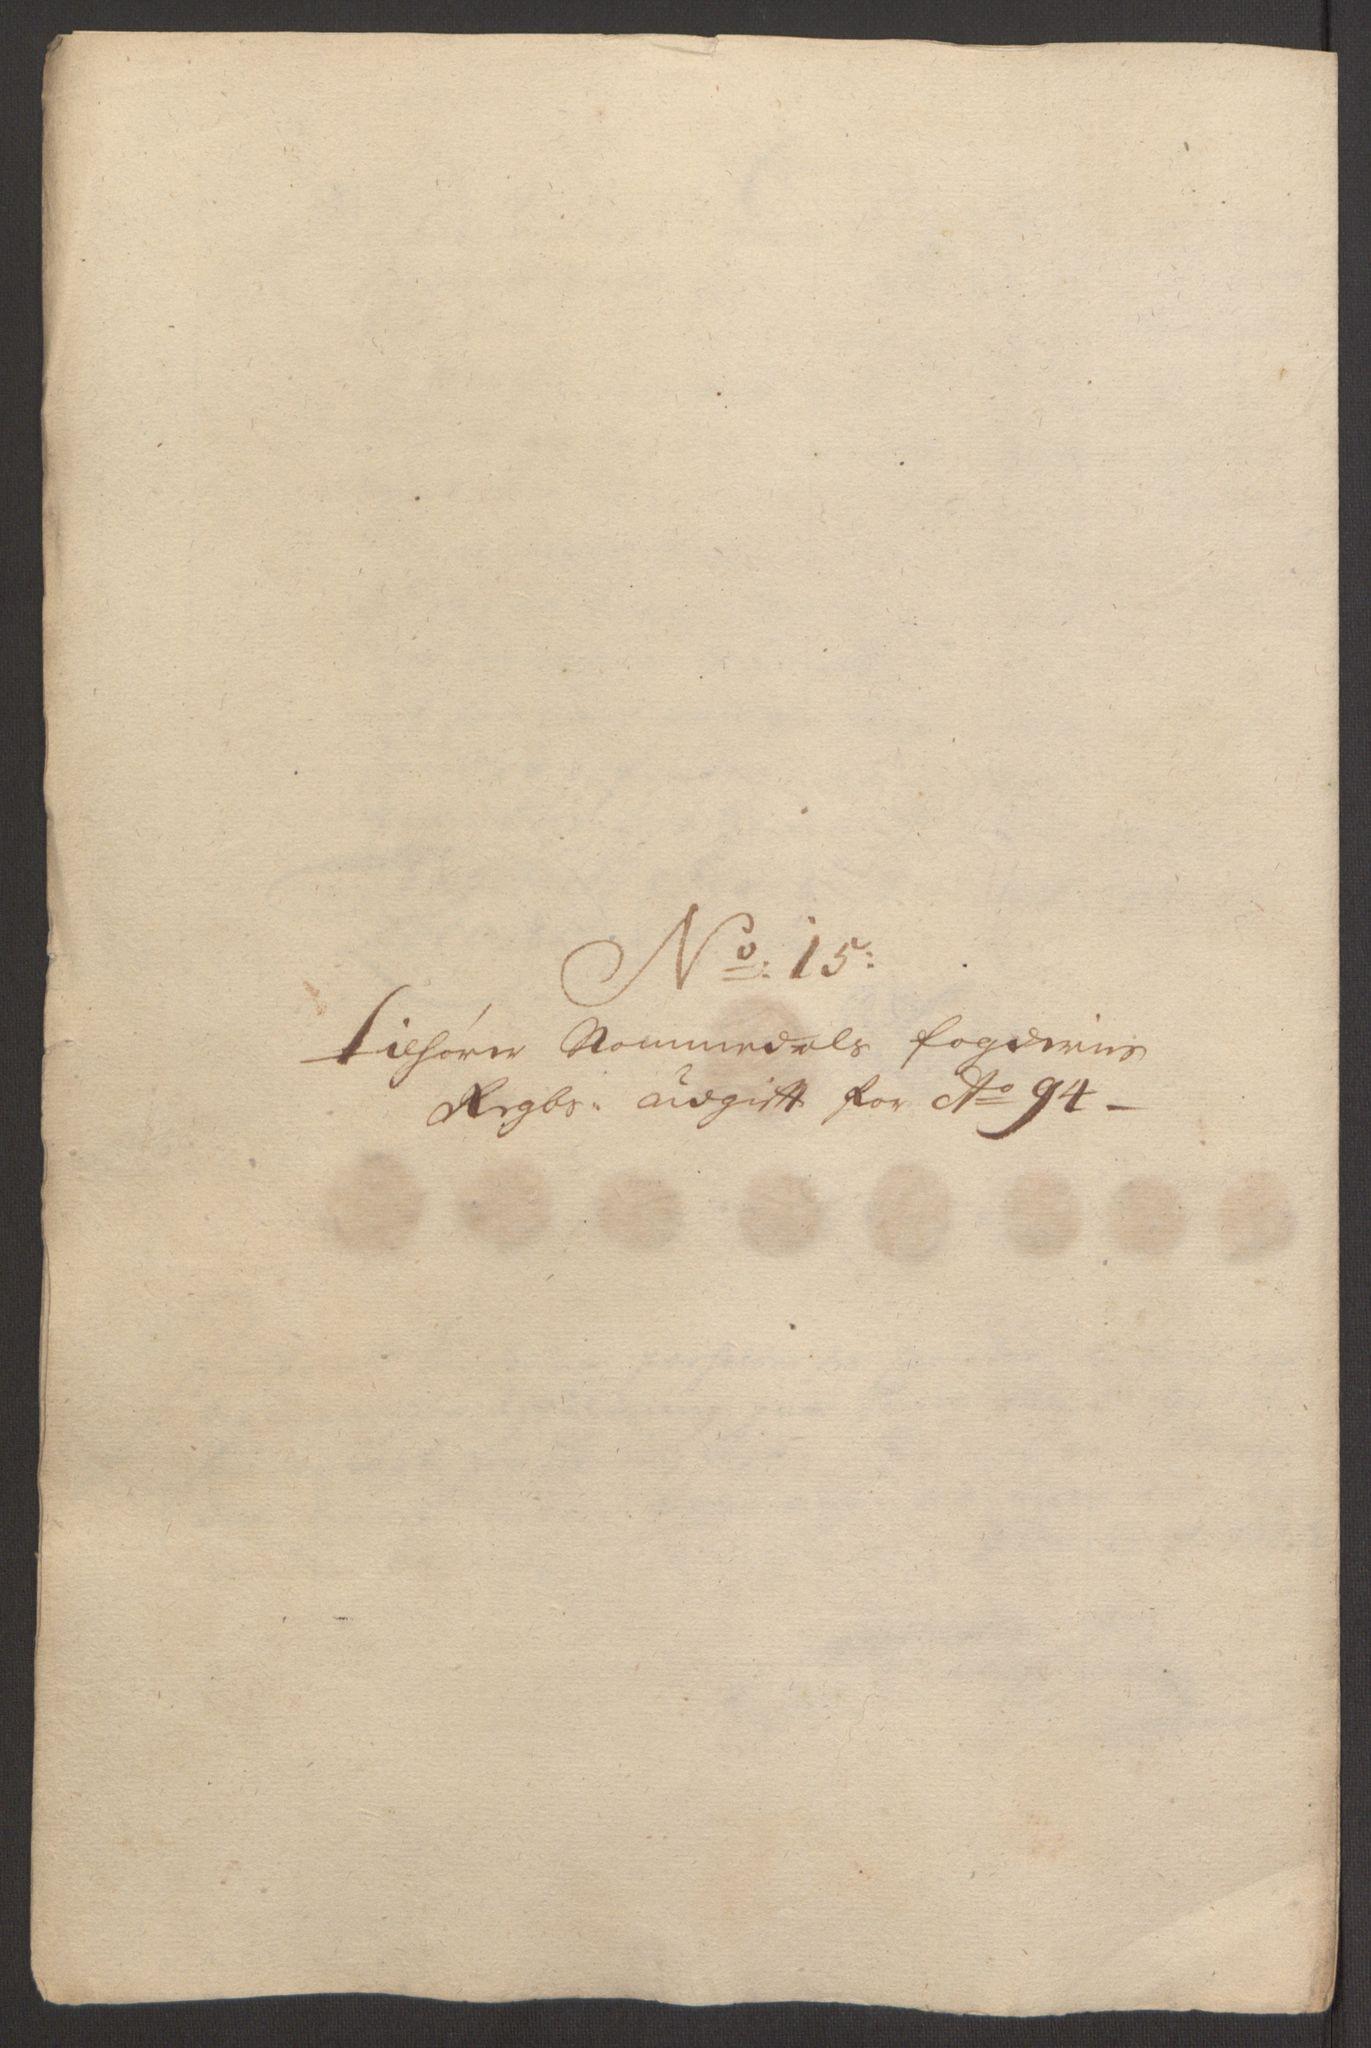 RA, Rentekammeret inntil 1814, Reviderte regnskaper, Fogderegnskap, R64/L4424: Fogderegnskap Namdal, 1692-1695, s. 431